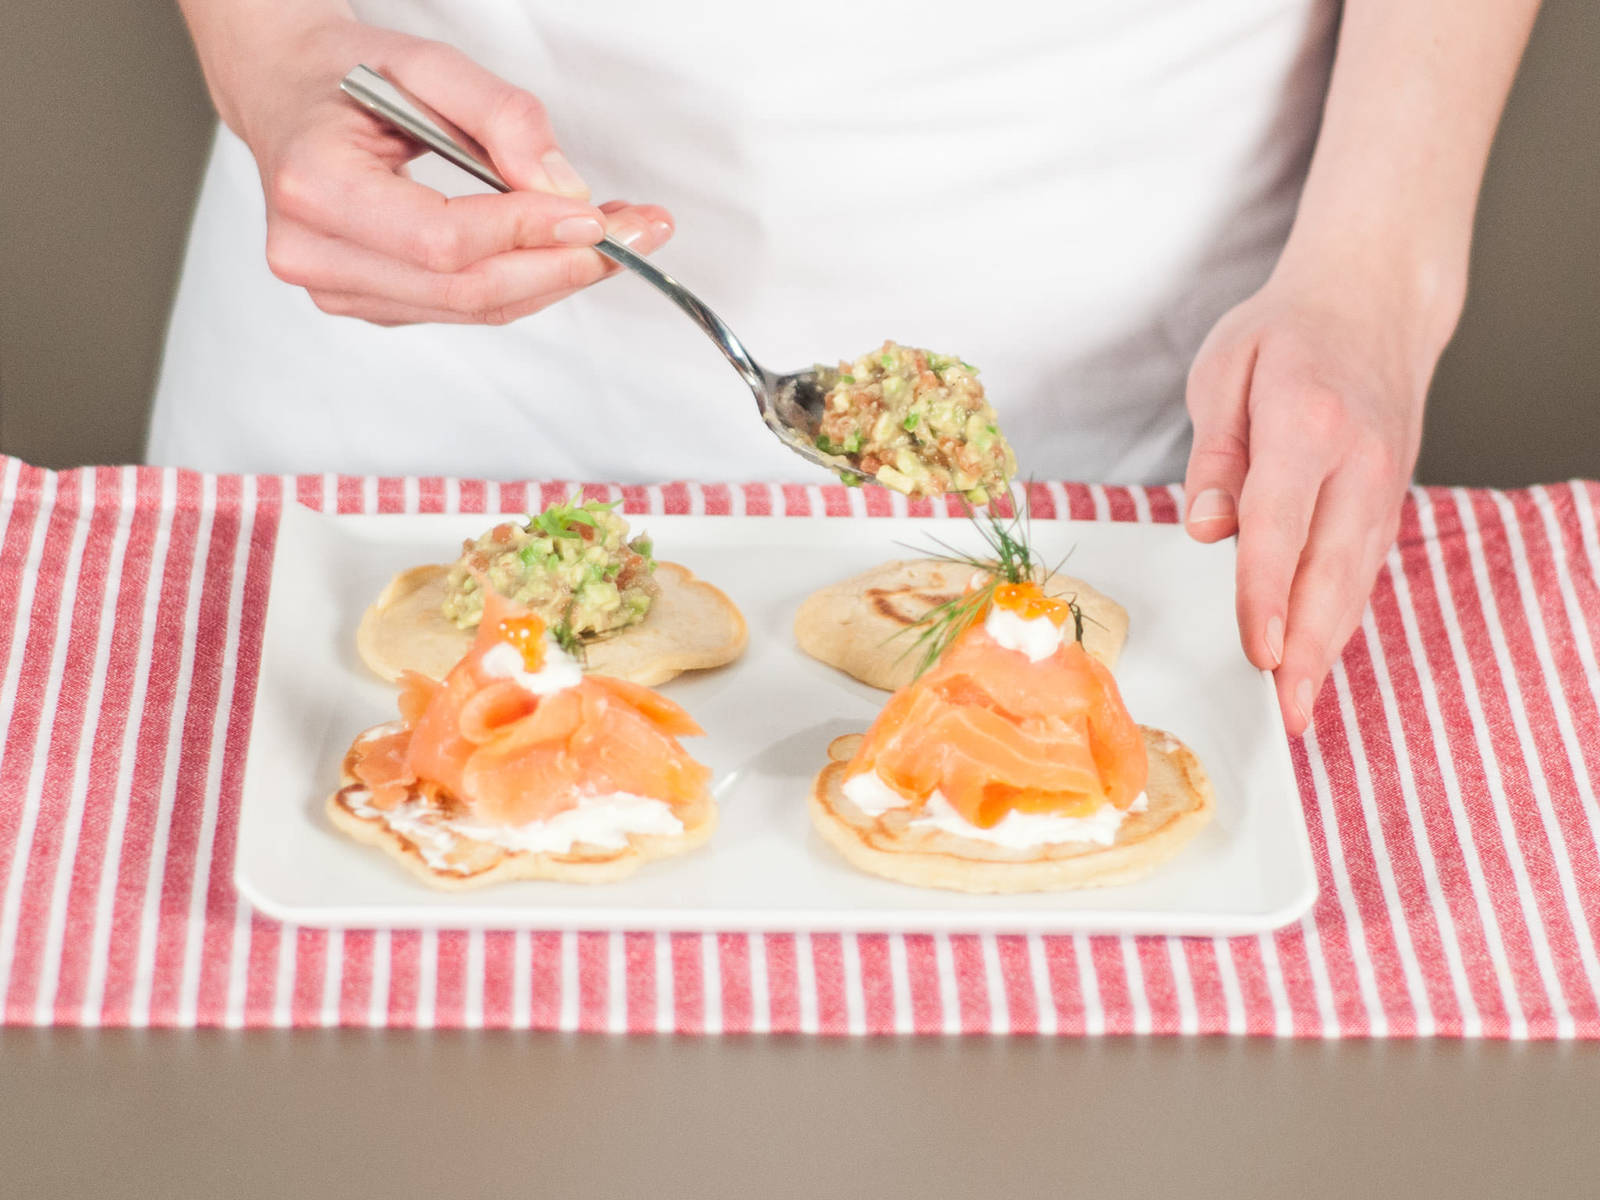 将奶油奶酪酱放在其中两个薄饼上,然后放上片好的三文鱼,饰以鱼子酱。将鳄梨番茄鞑靼放在另外两个薄饼上,根据需要饰以小茴香。可作为开胃菜、早餐或小吃享用。